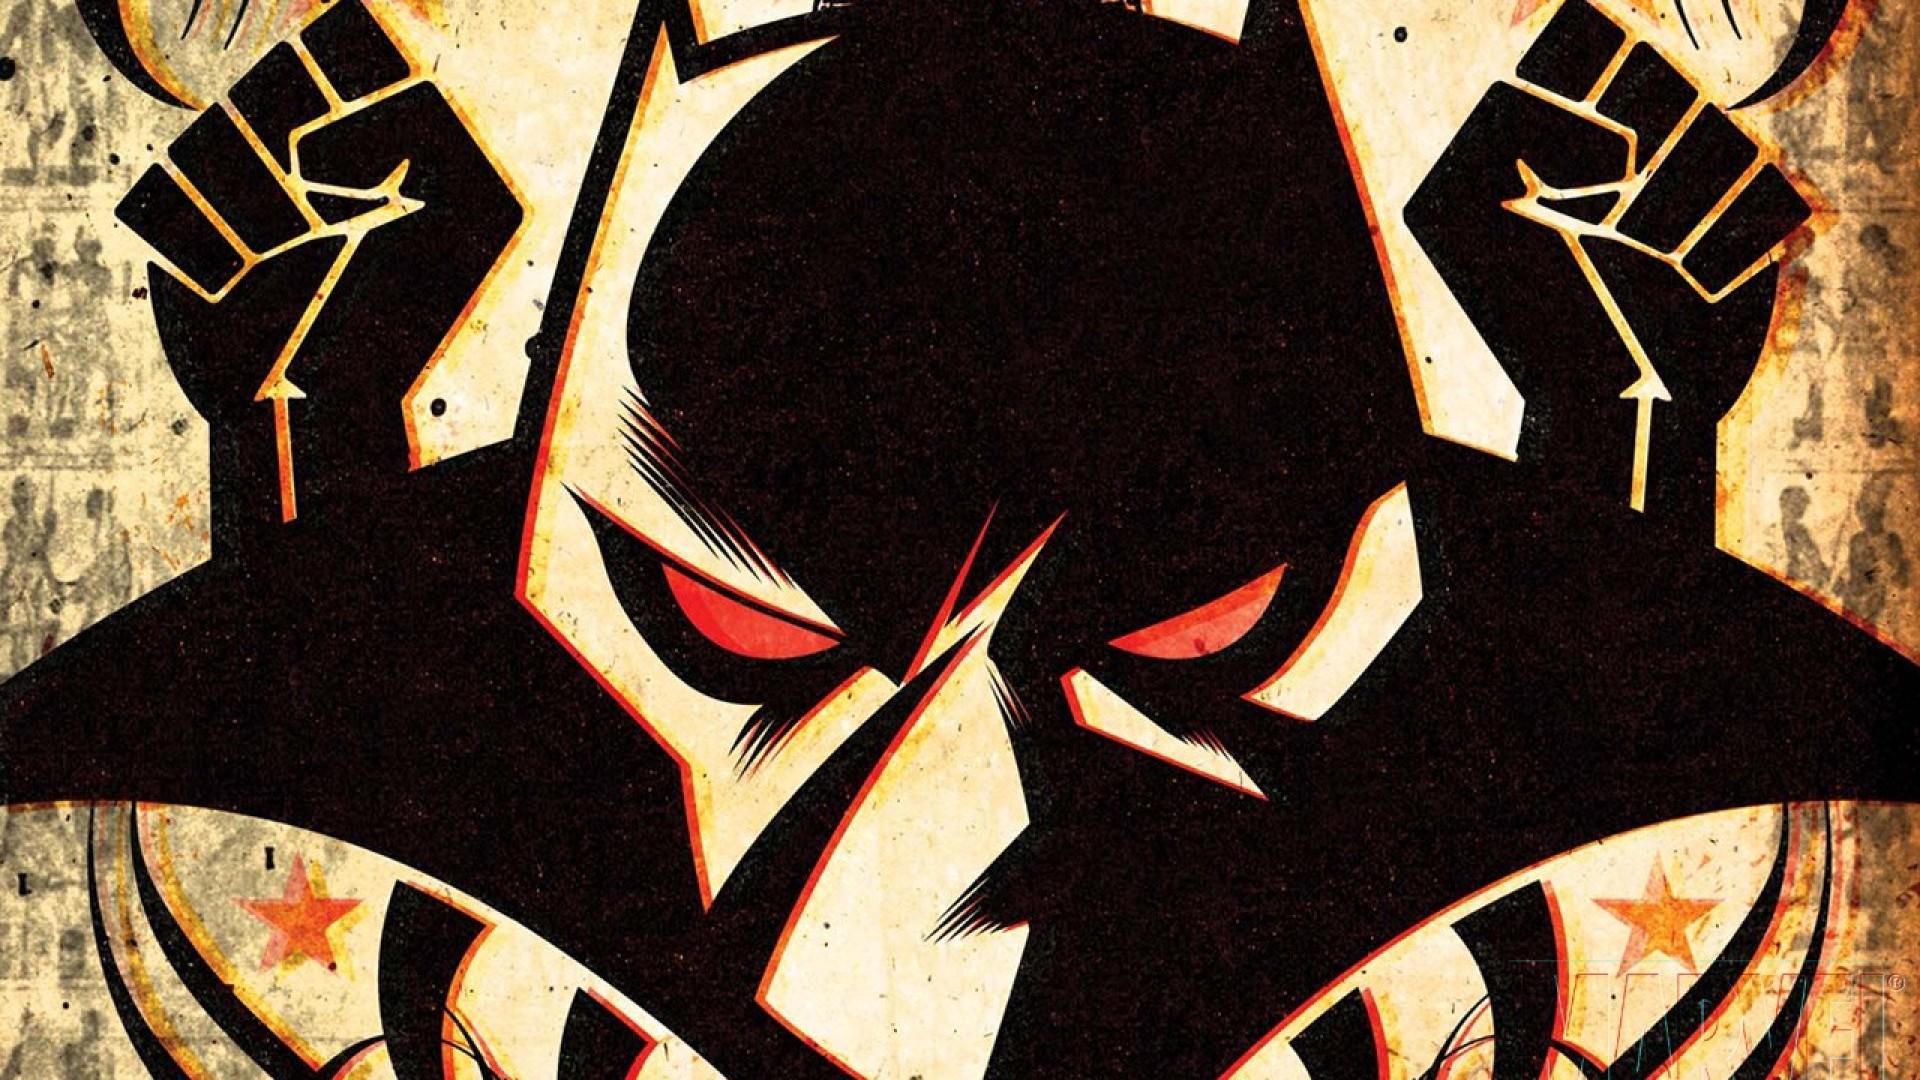 Black Panther Comic Wallpaper: Black Panther Wallpaper